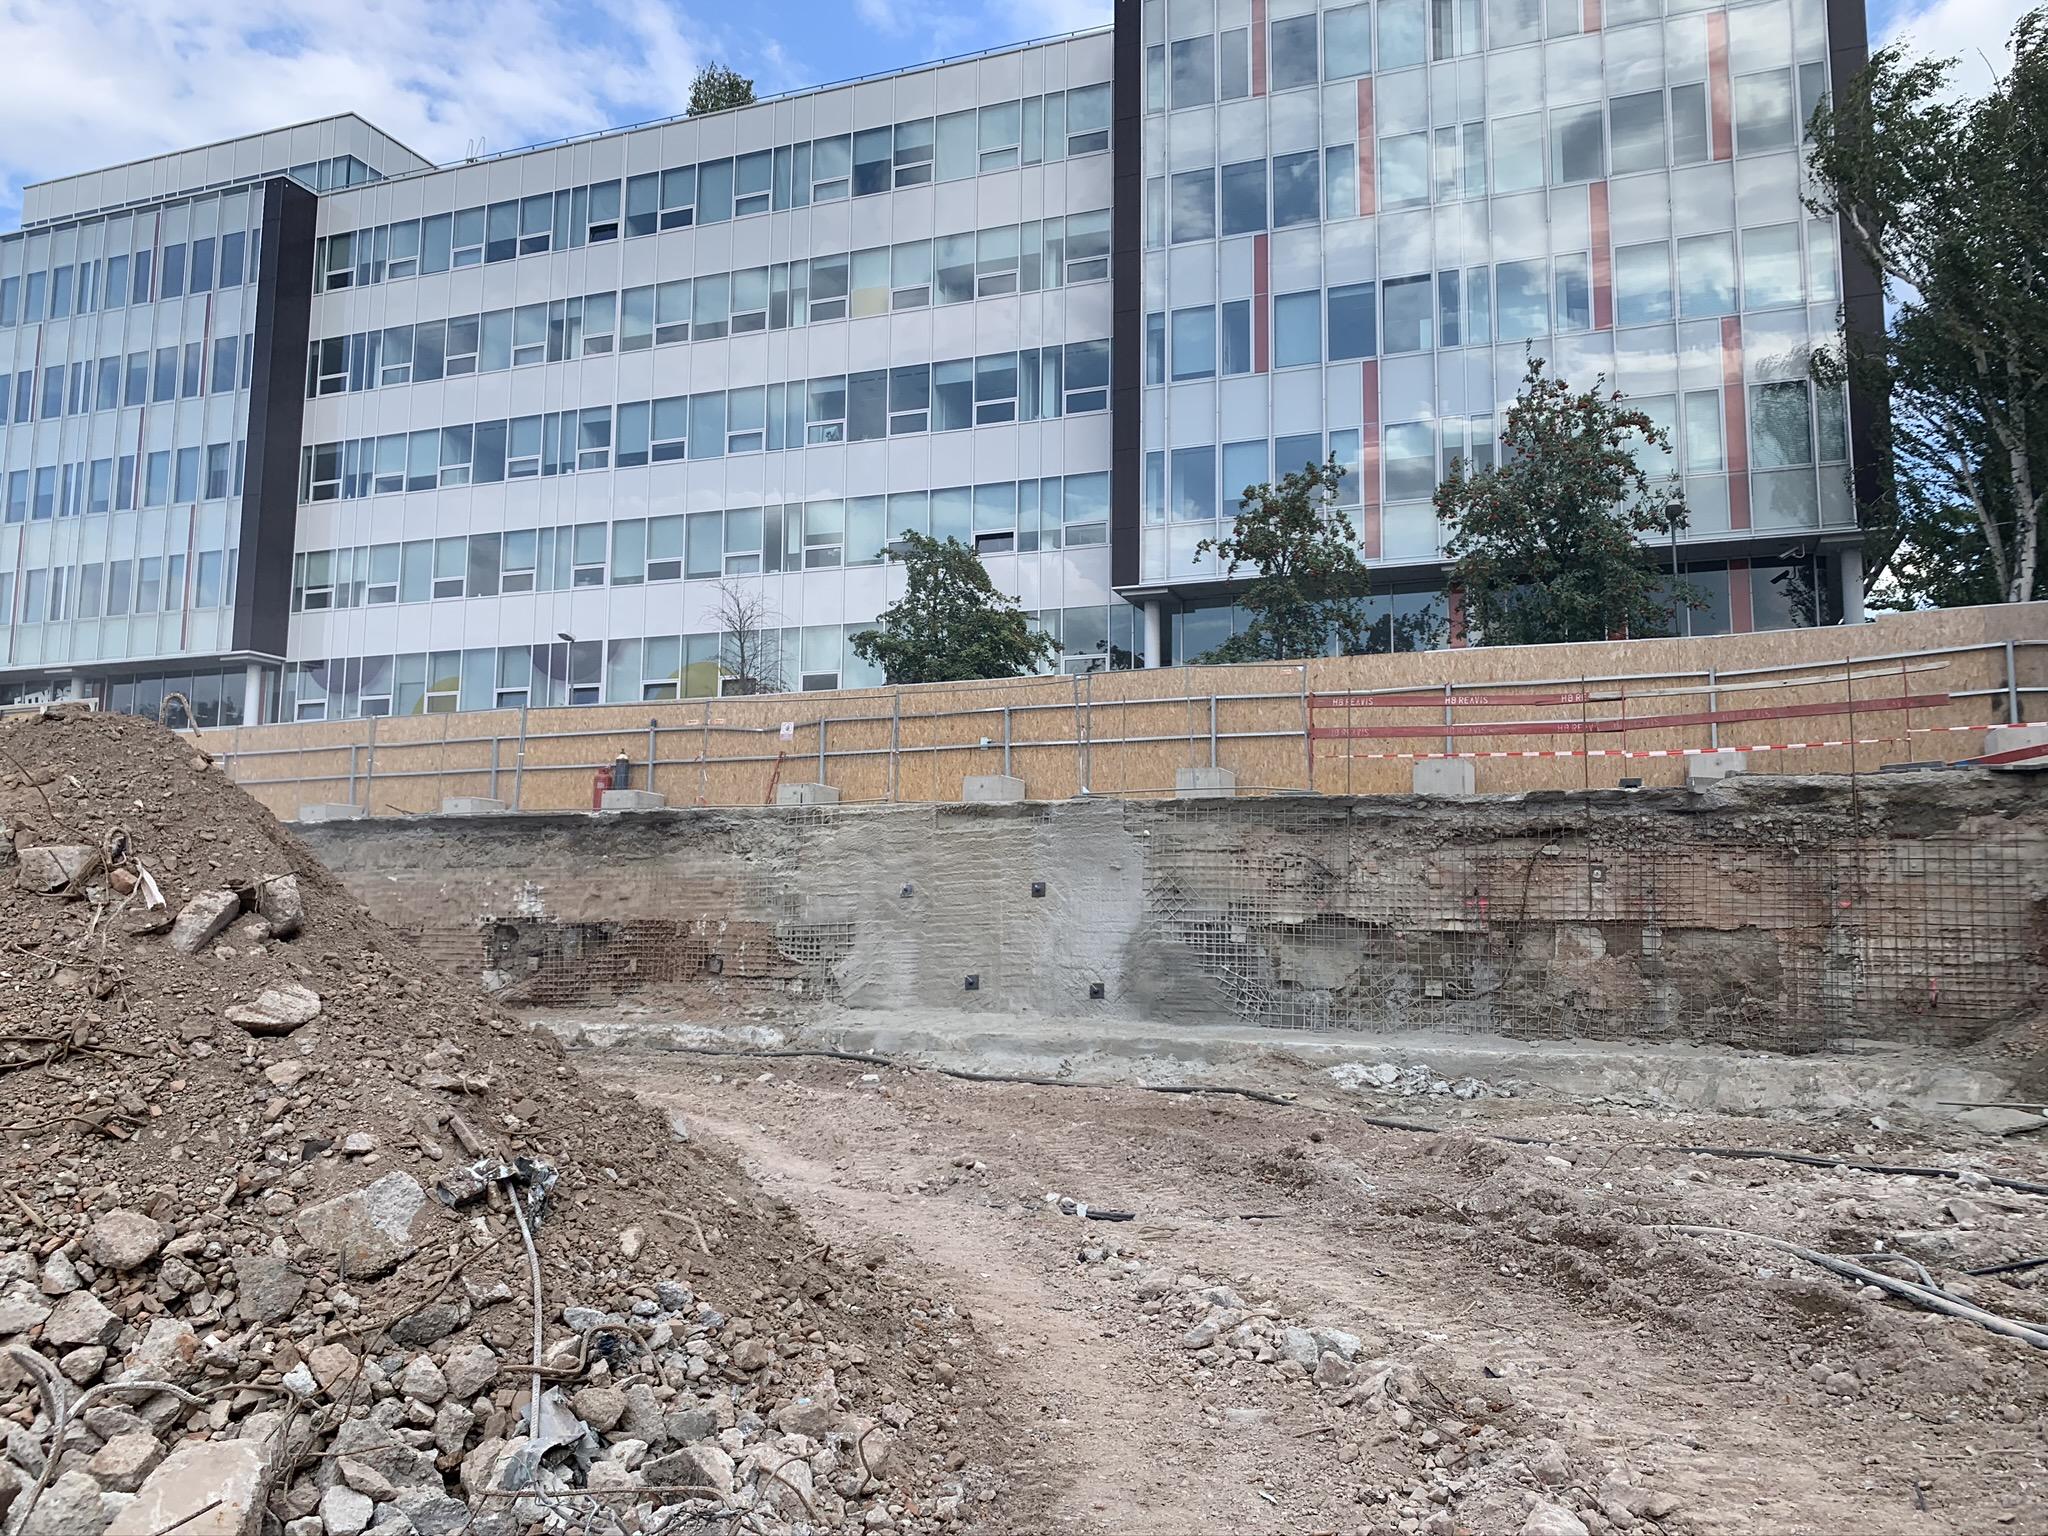 Obr. 2a Pohľady na existujúcu stenu zo striekaného betónu pred stabilizáciou